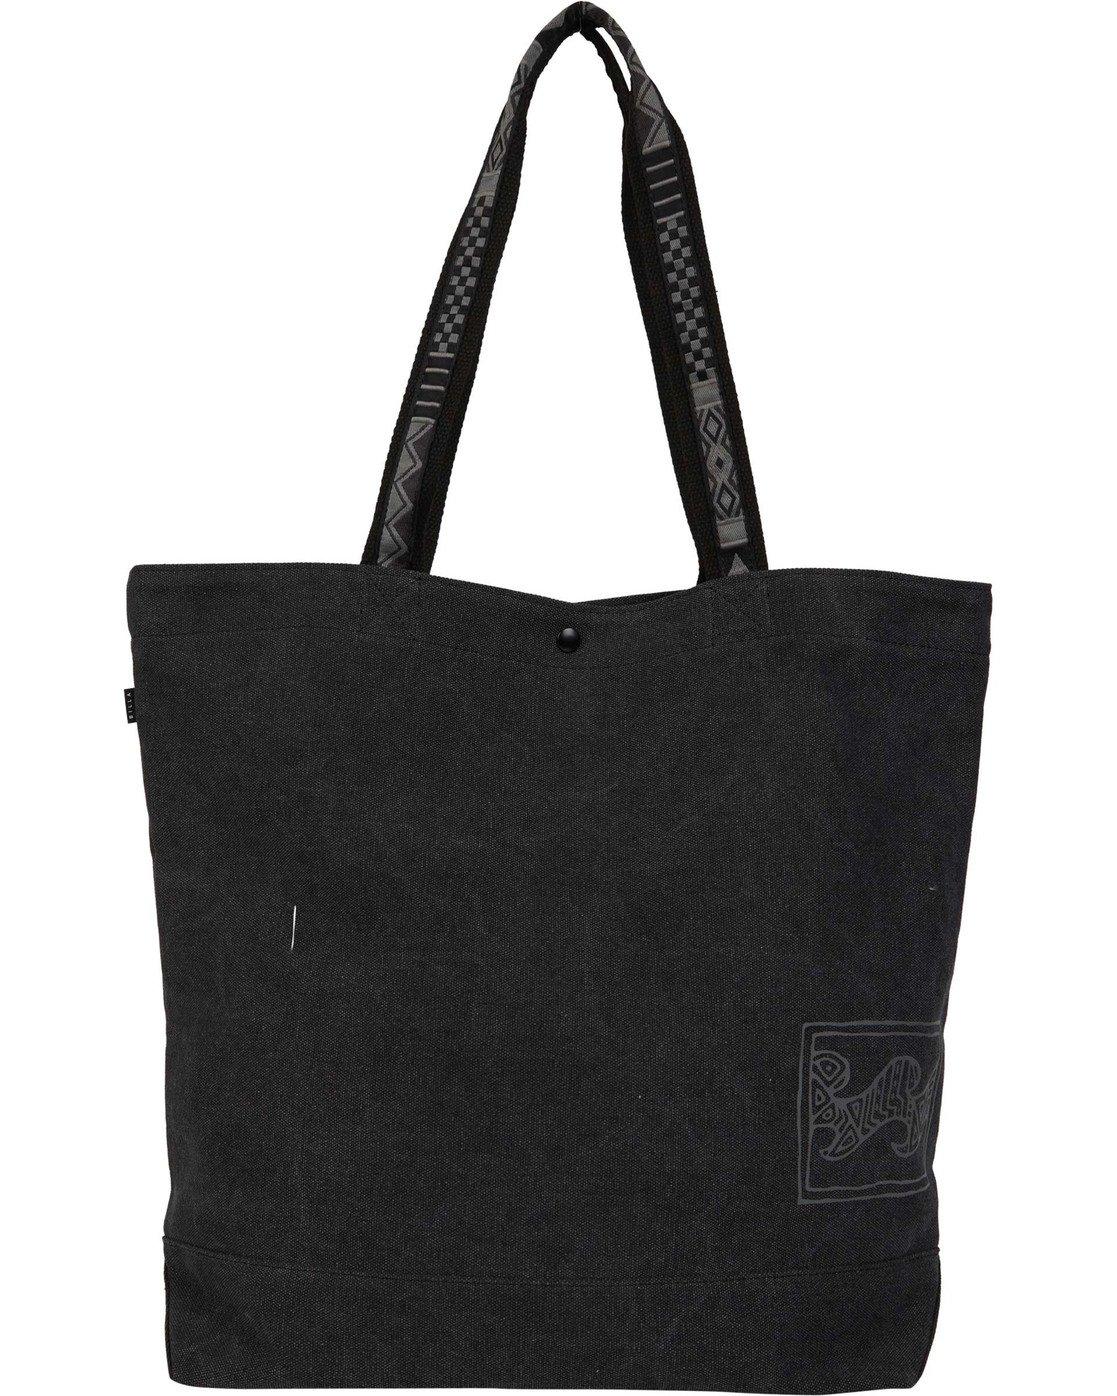 Graphic Tote Bag Matbtbgt Billabong